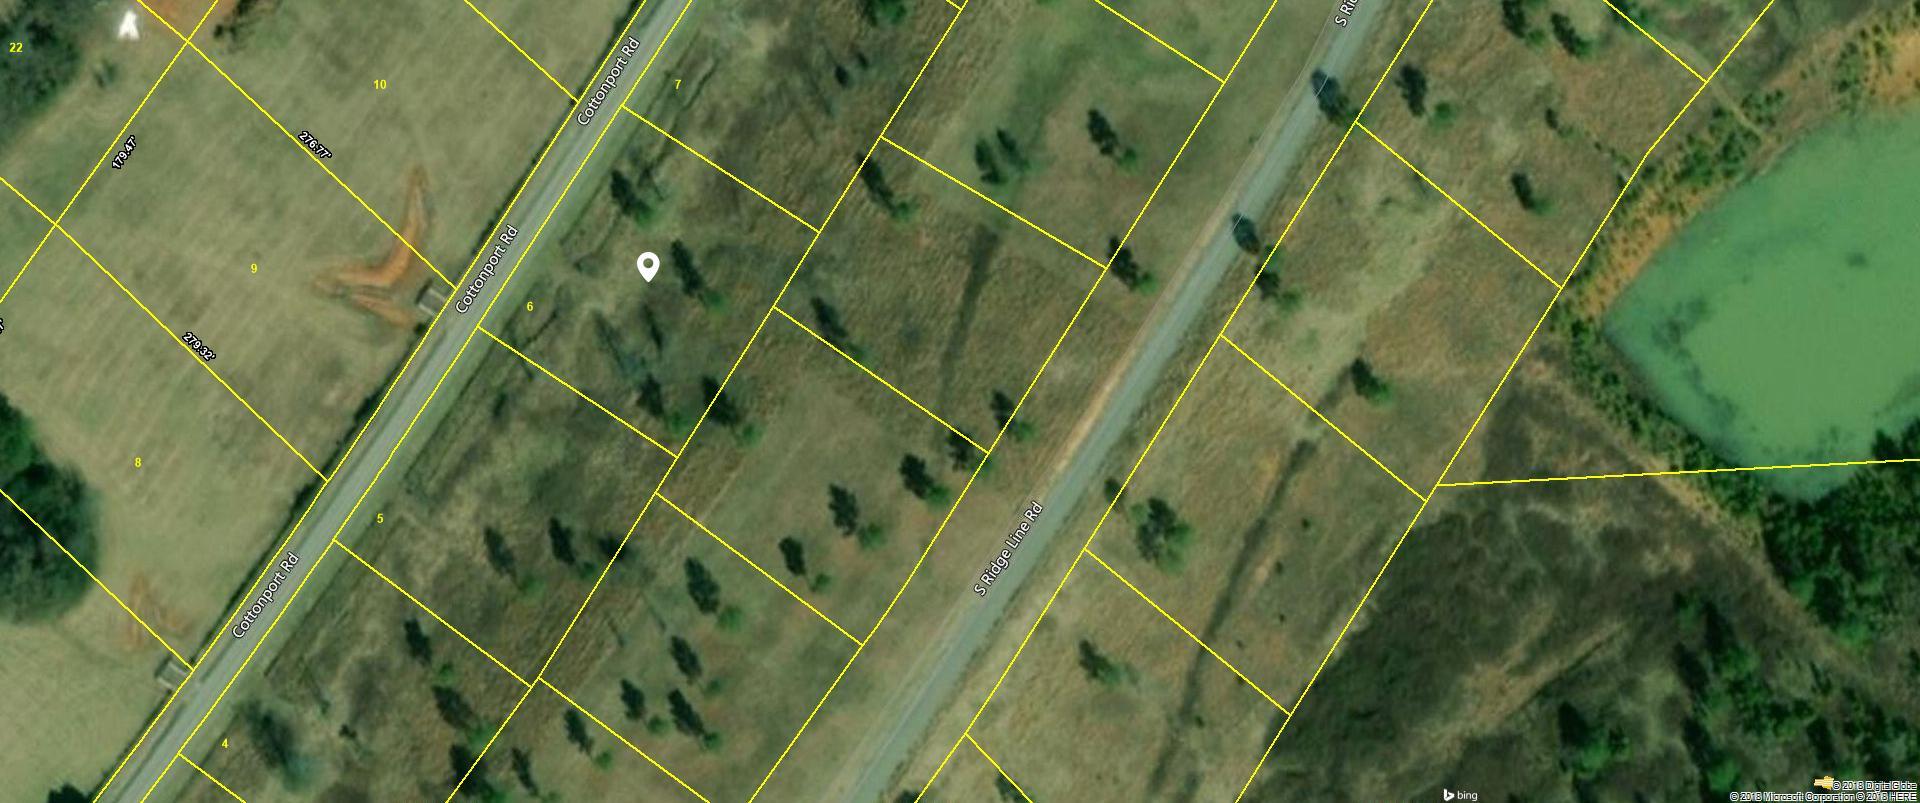 Lot 6 Cottonport Road, Decatur, TN 37322